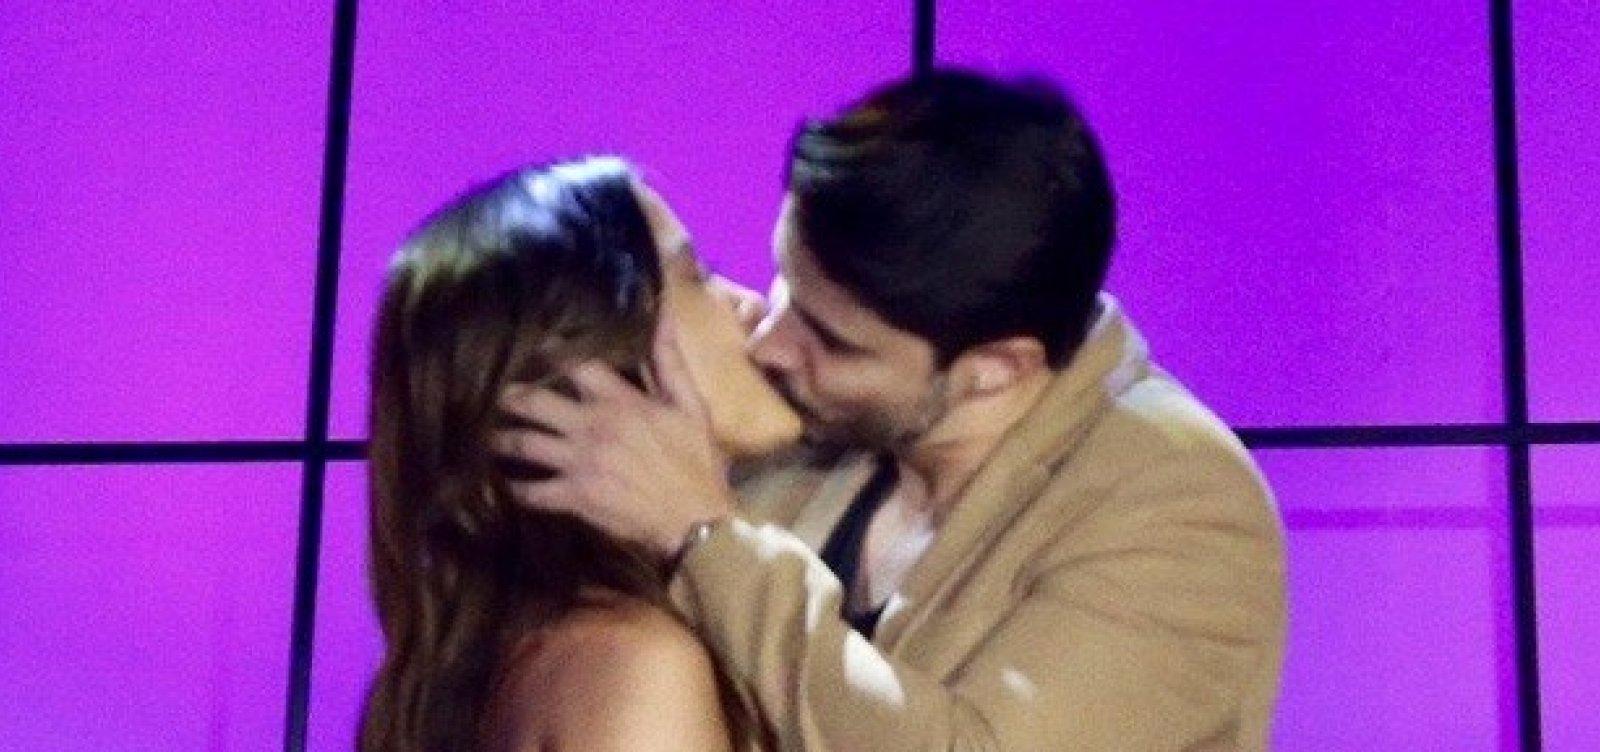 Cantor tasca beijão em Anitta: 'Bom pra caramba'